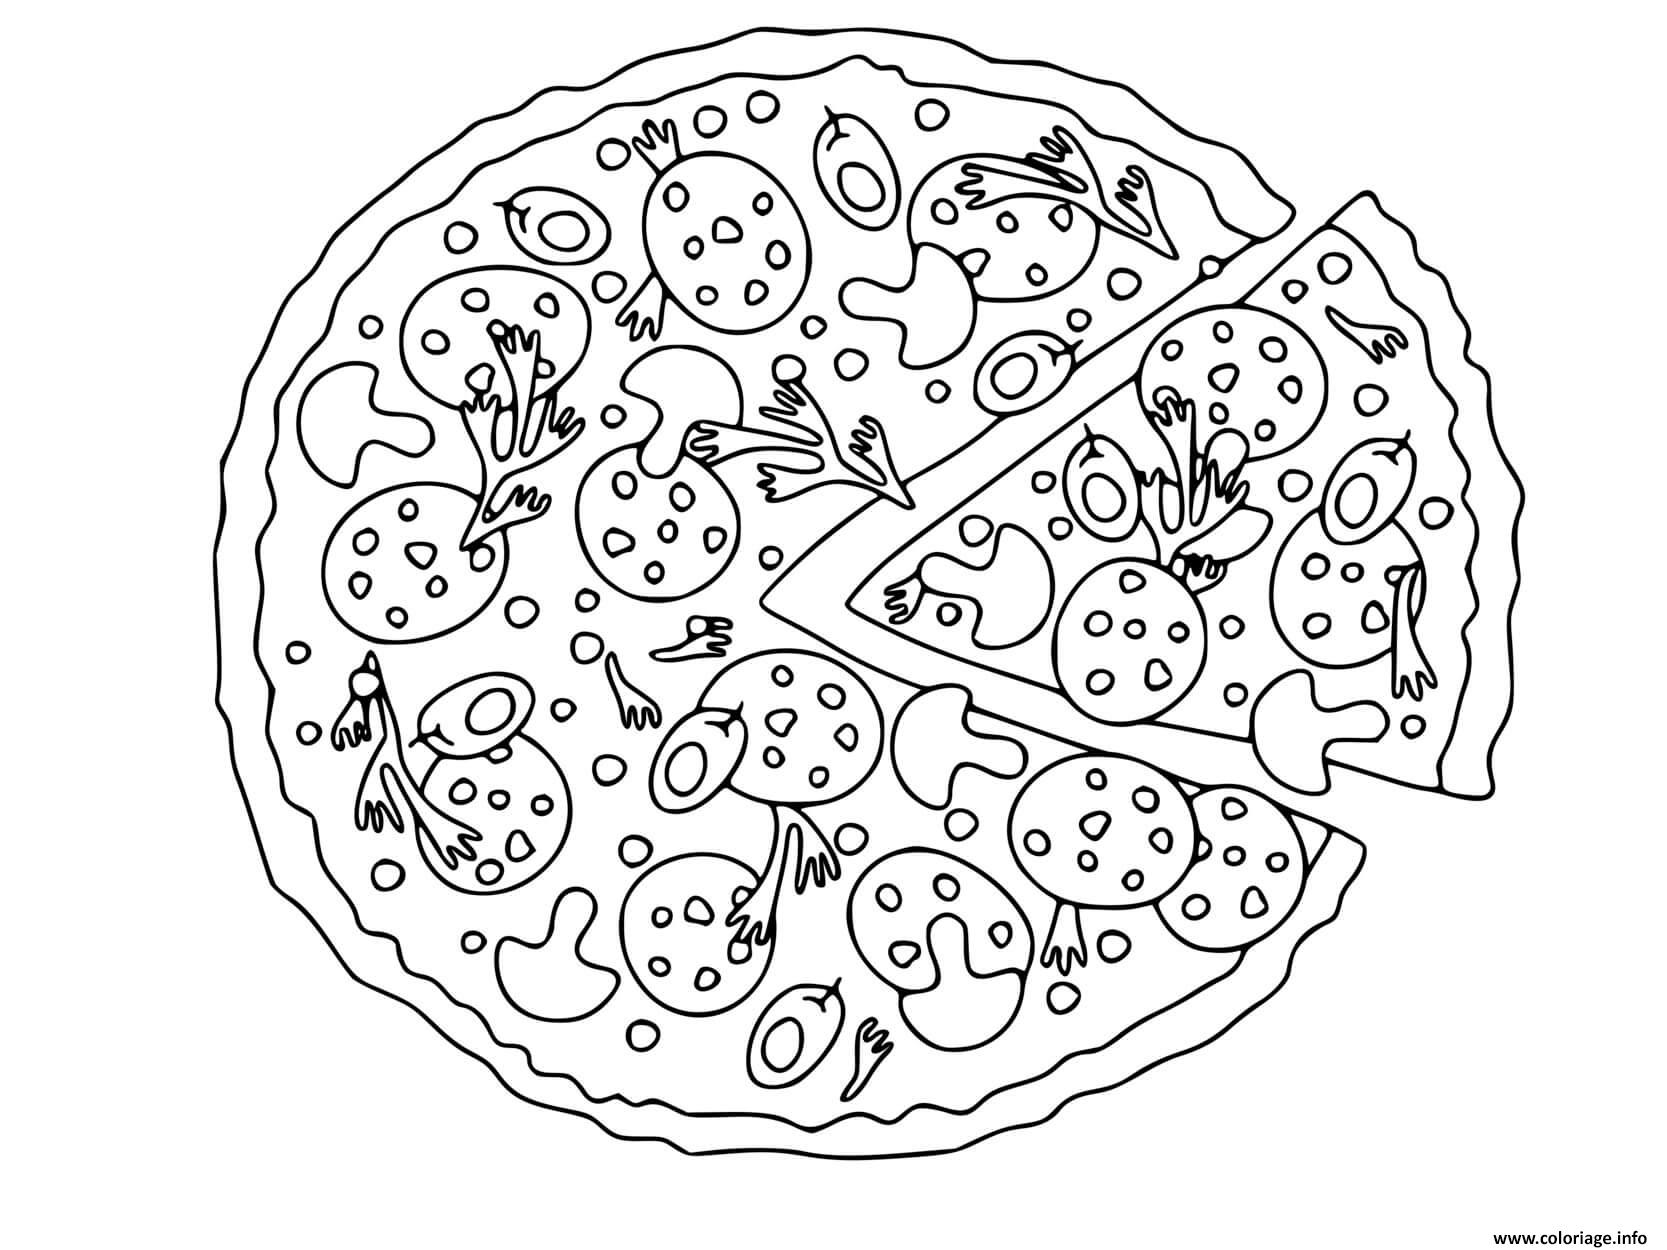 Dessin pizza napoletana Coloriage Gratuit à Imprimer